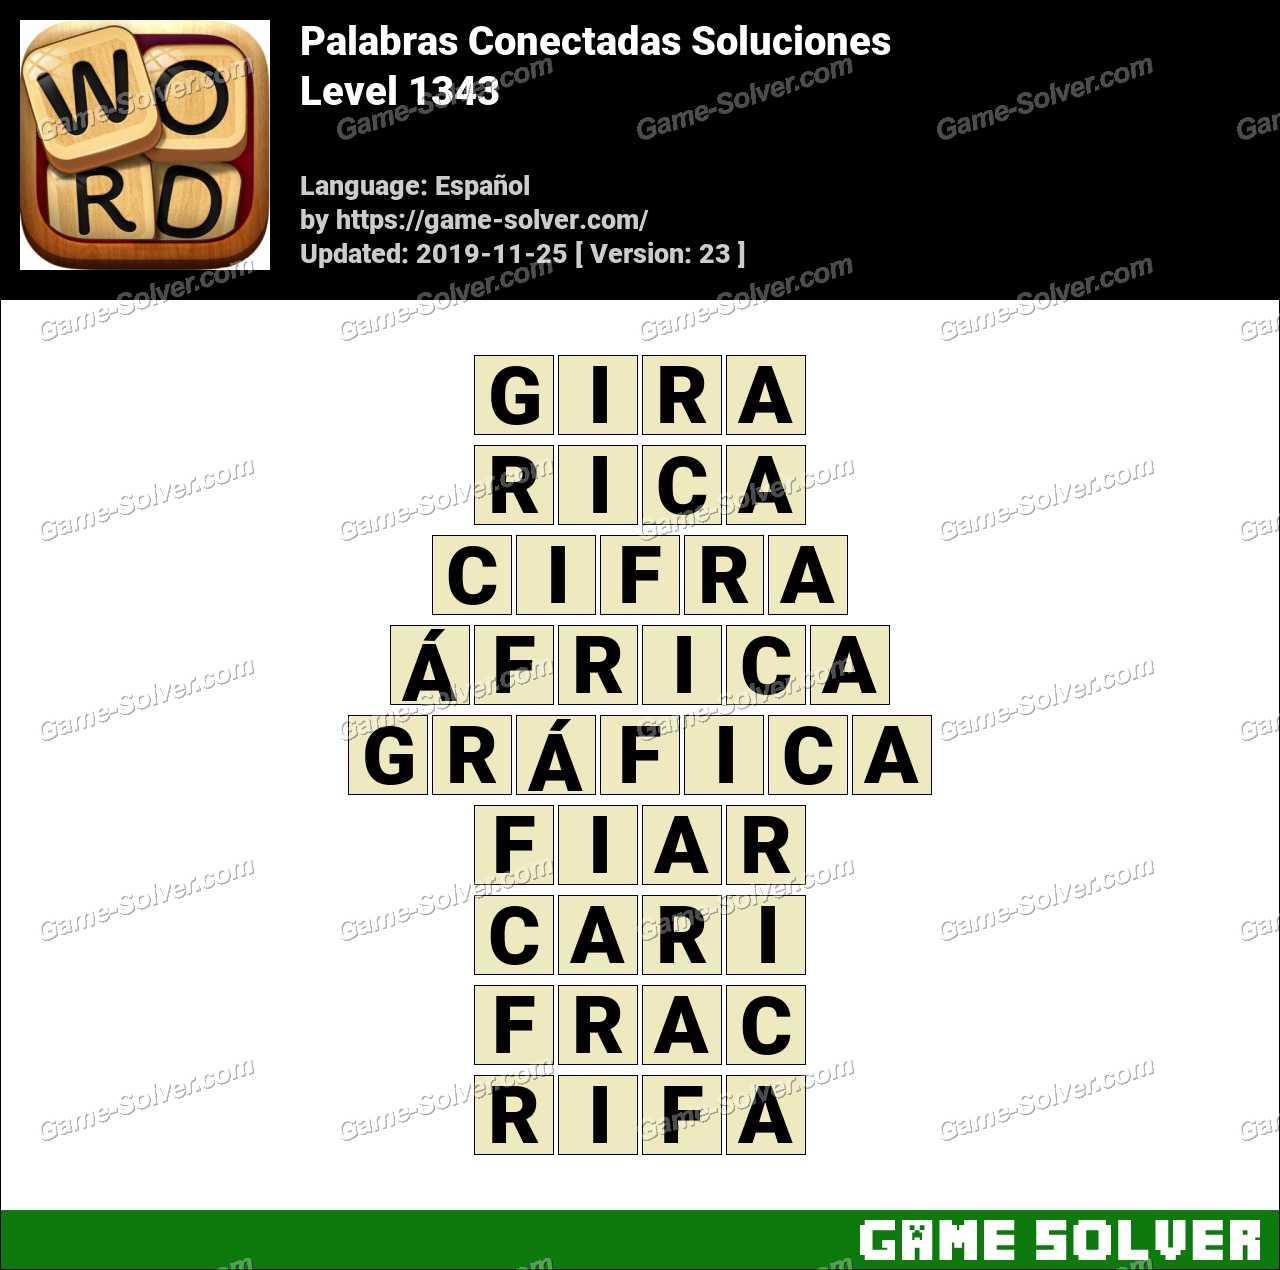 Palabras Conectadas Nivel 1343 Soluciones